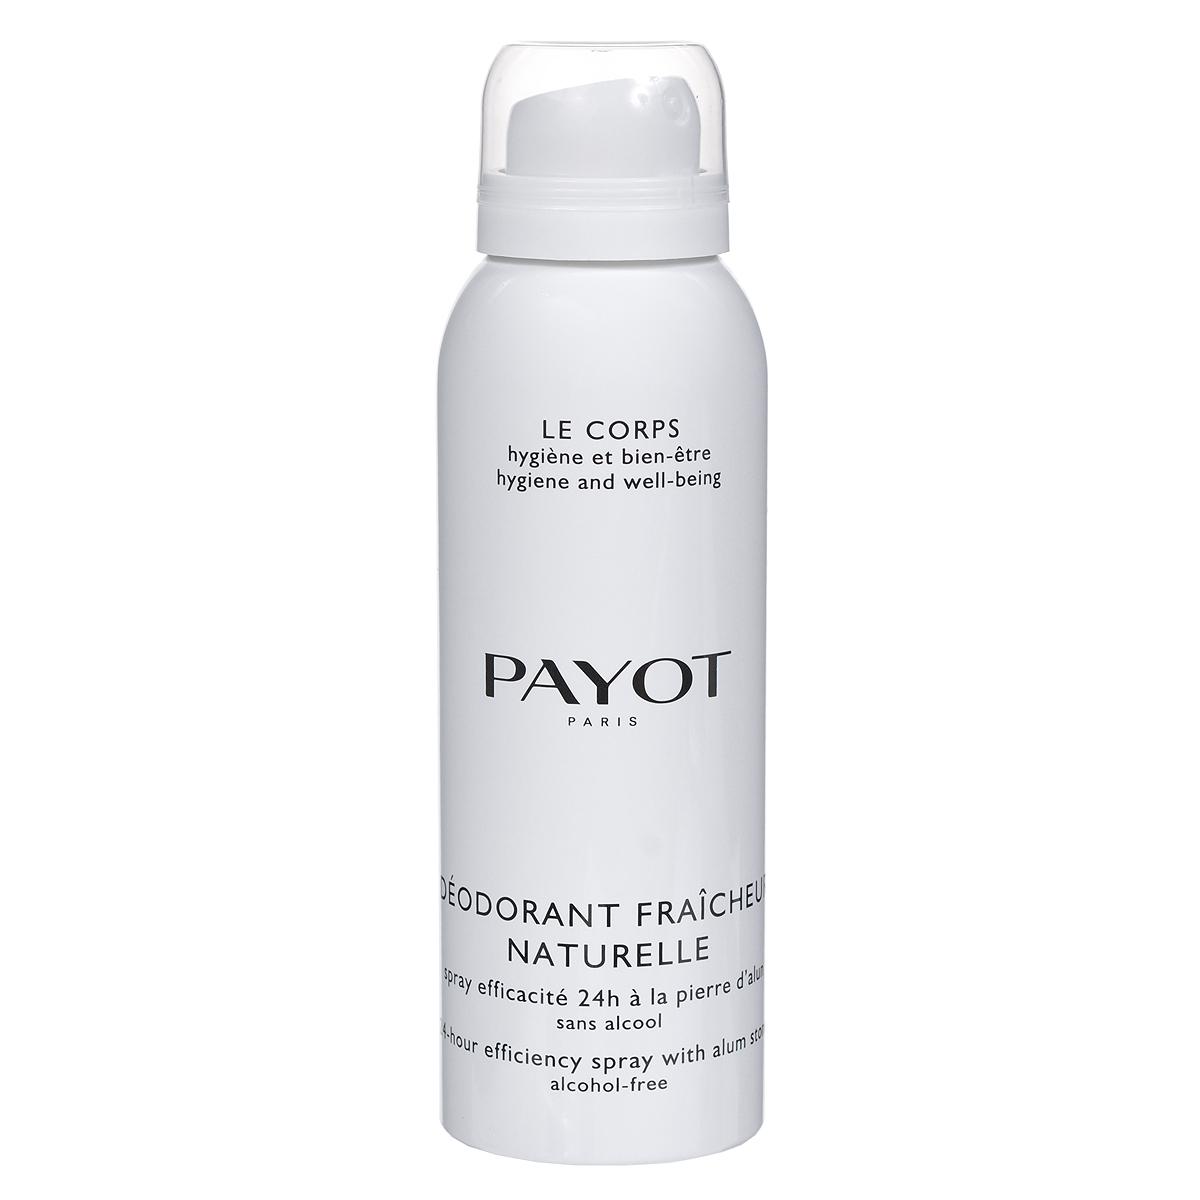 Payot Дезодорант-спрей Naturelle, женский, 125 мл65090578Безалкогольный дезодорант обеспечивает гигиену в течение дня, прекрасно смягчает и успокаивает кожу после эпиляции и бритья.Наносите дезодорант на чистую сухую кожу подмышек.